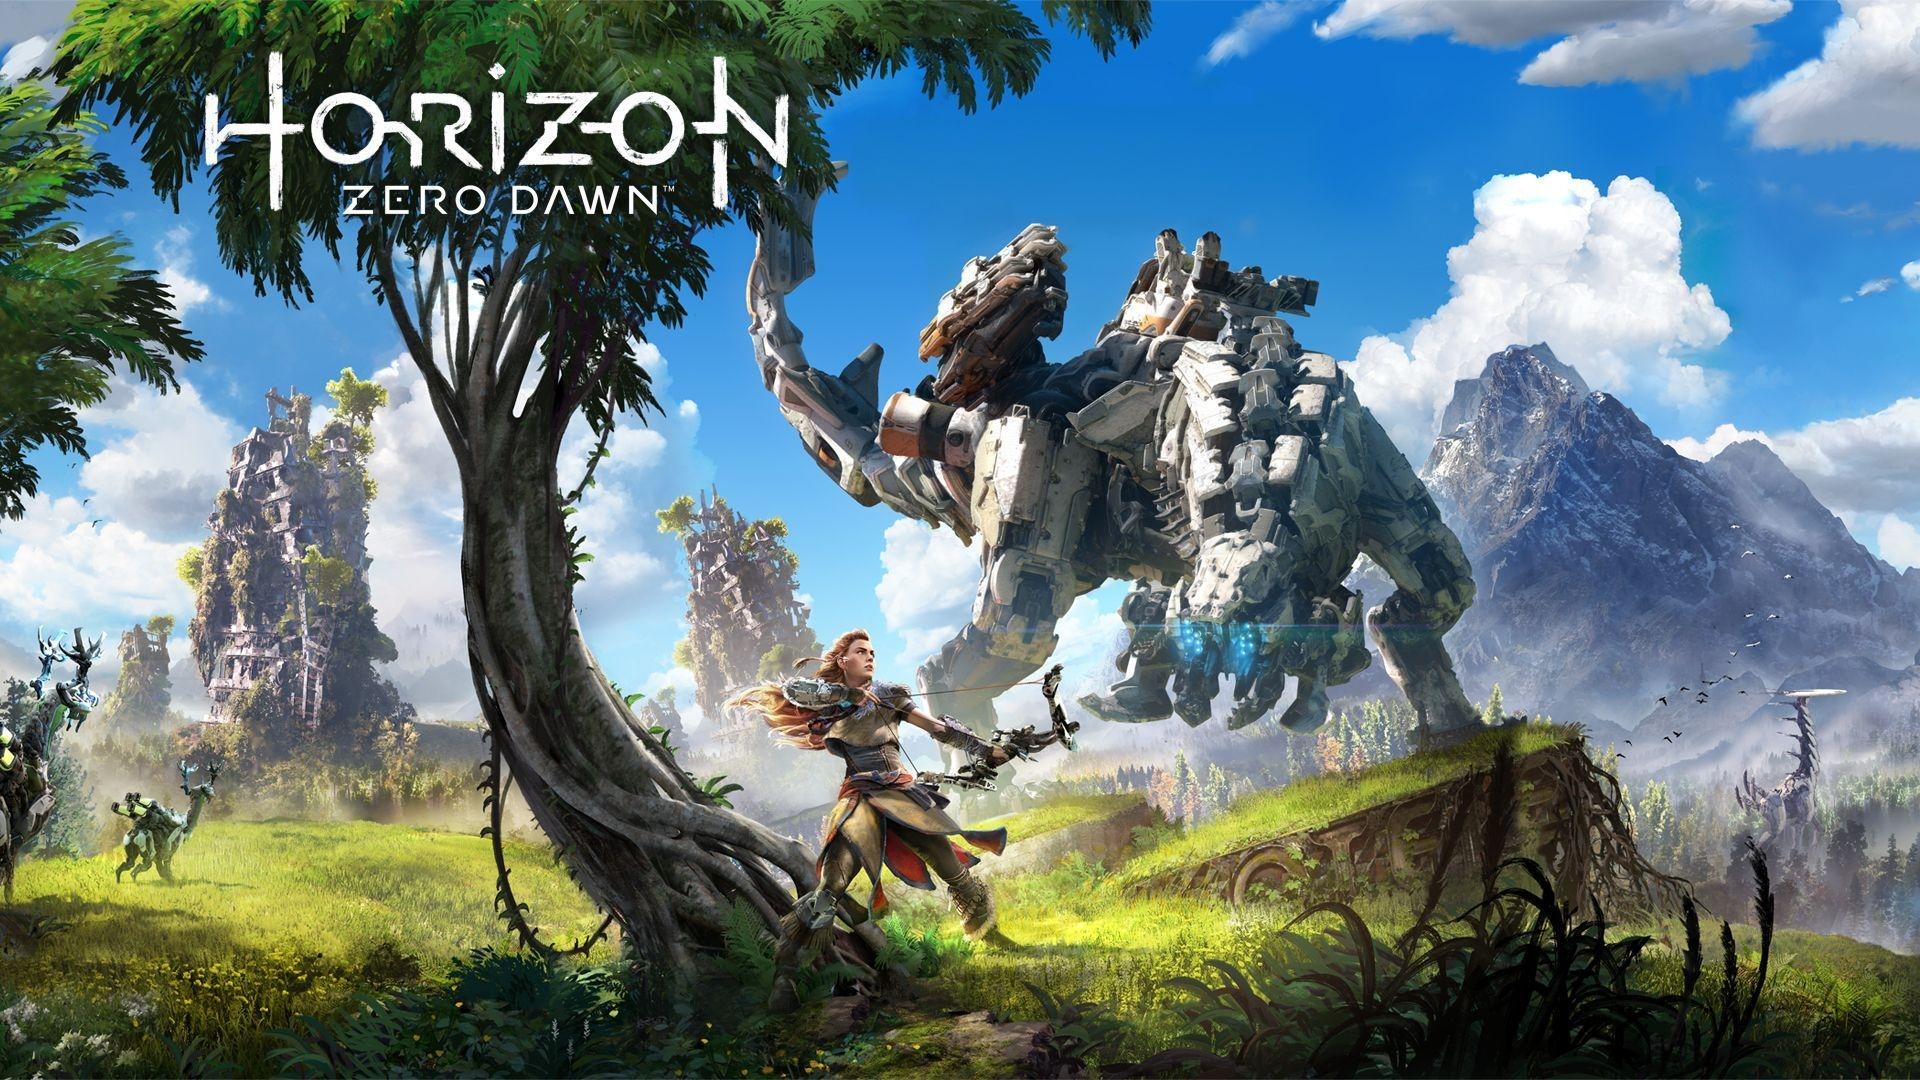 Horizon Zero Dawnの画像 p1_39